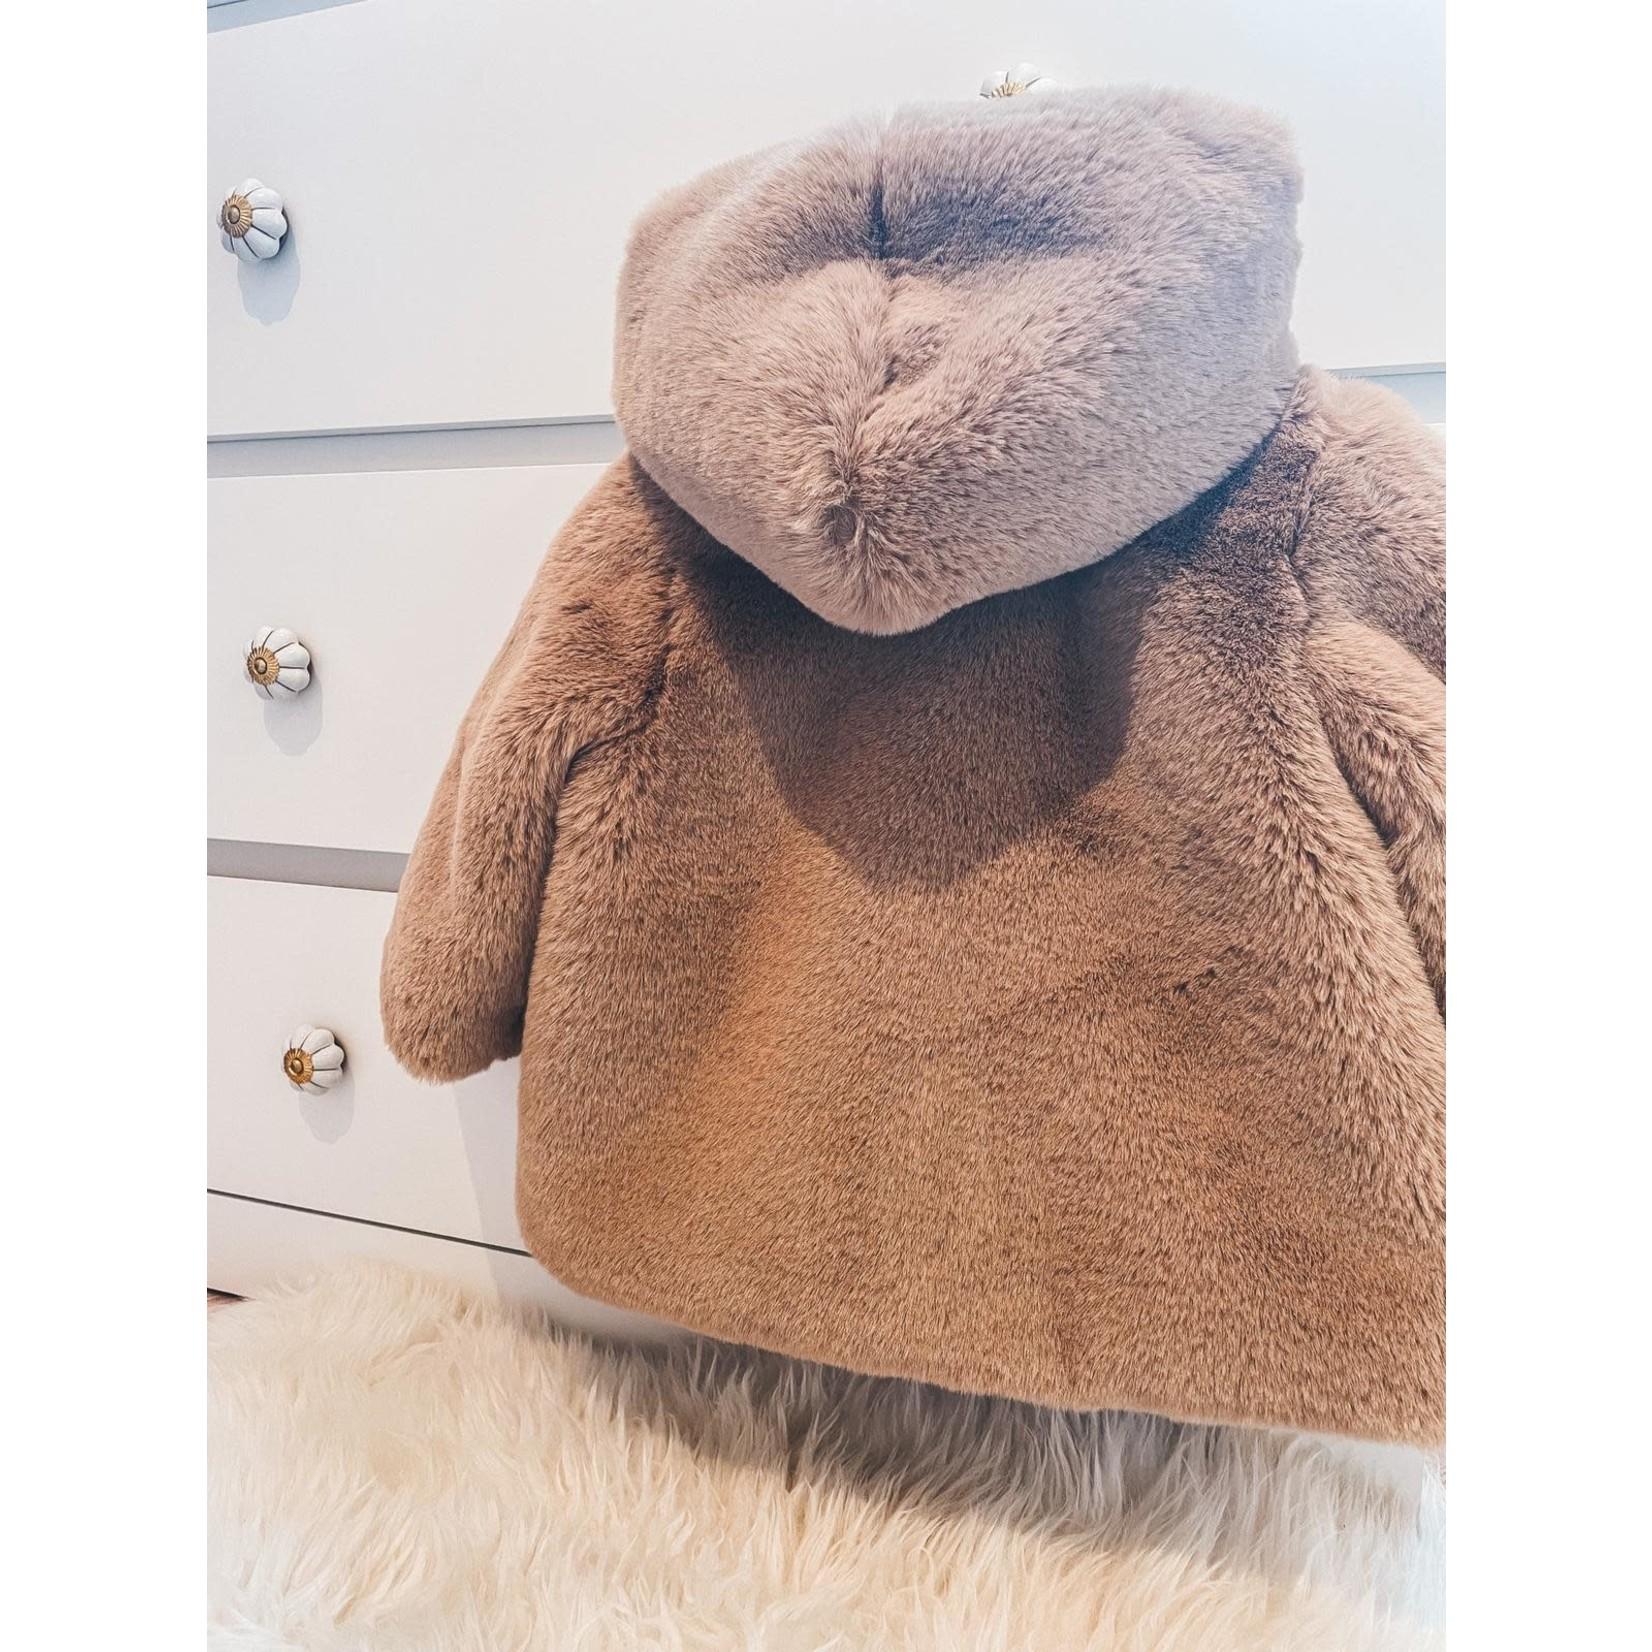 Petite Zara Teddy Coat Dusty Brown - Petite Zara